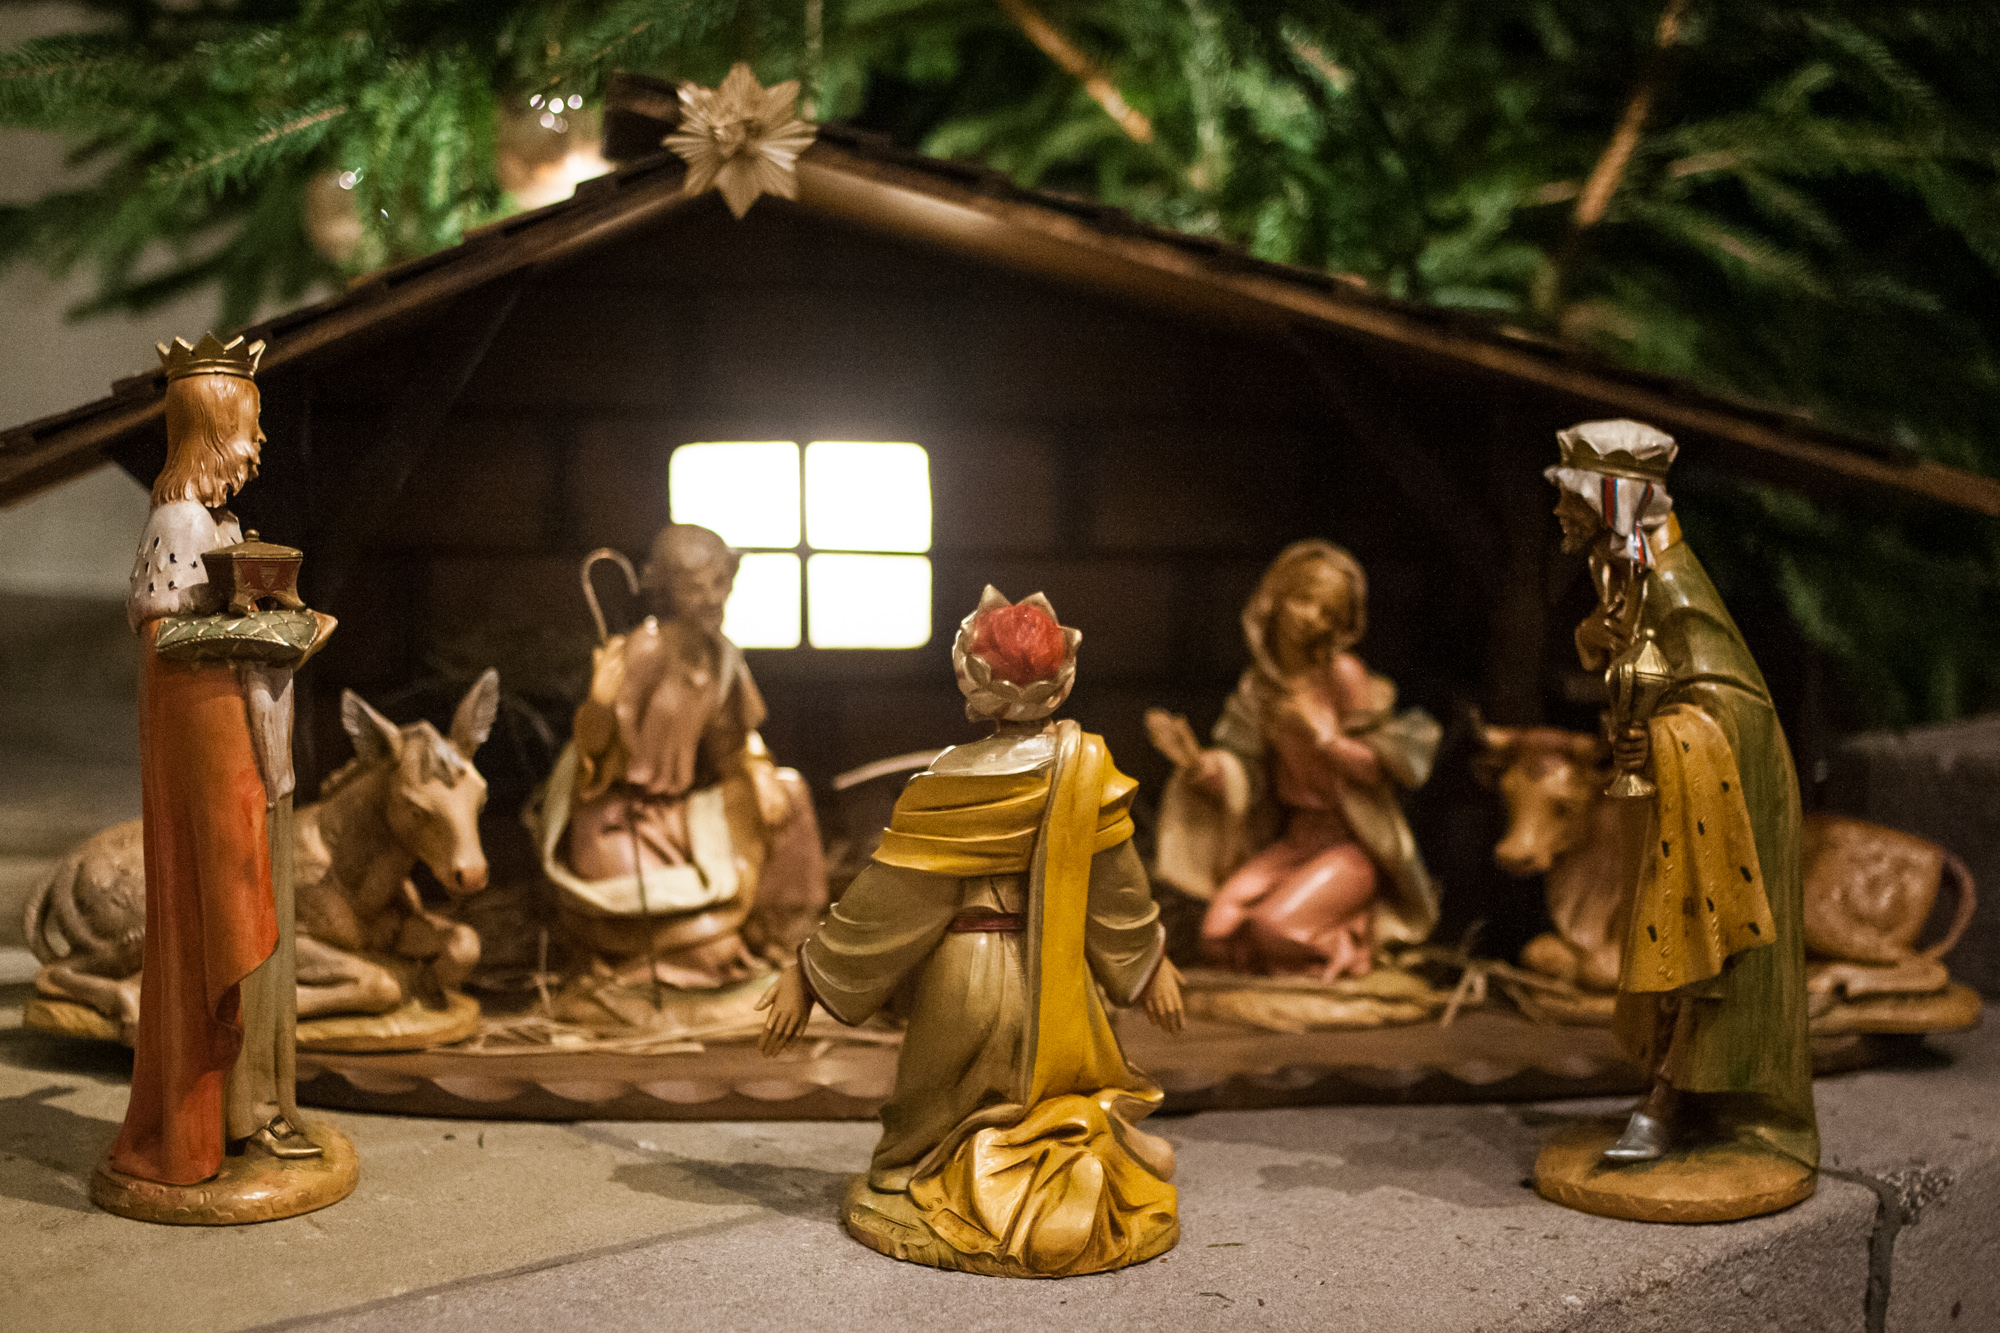 Kirchengemeinde verändert Angebot der Weihnachtsgottesdienste